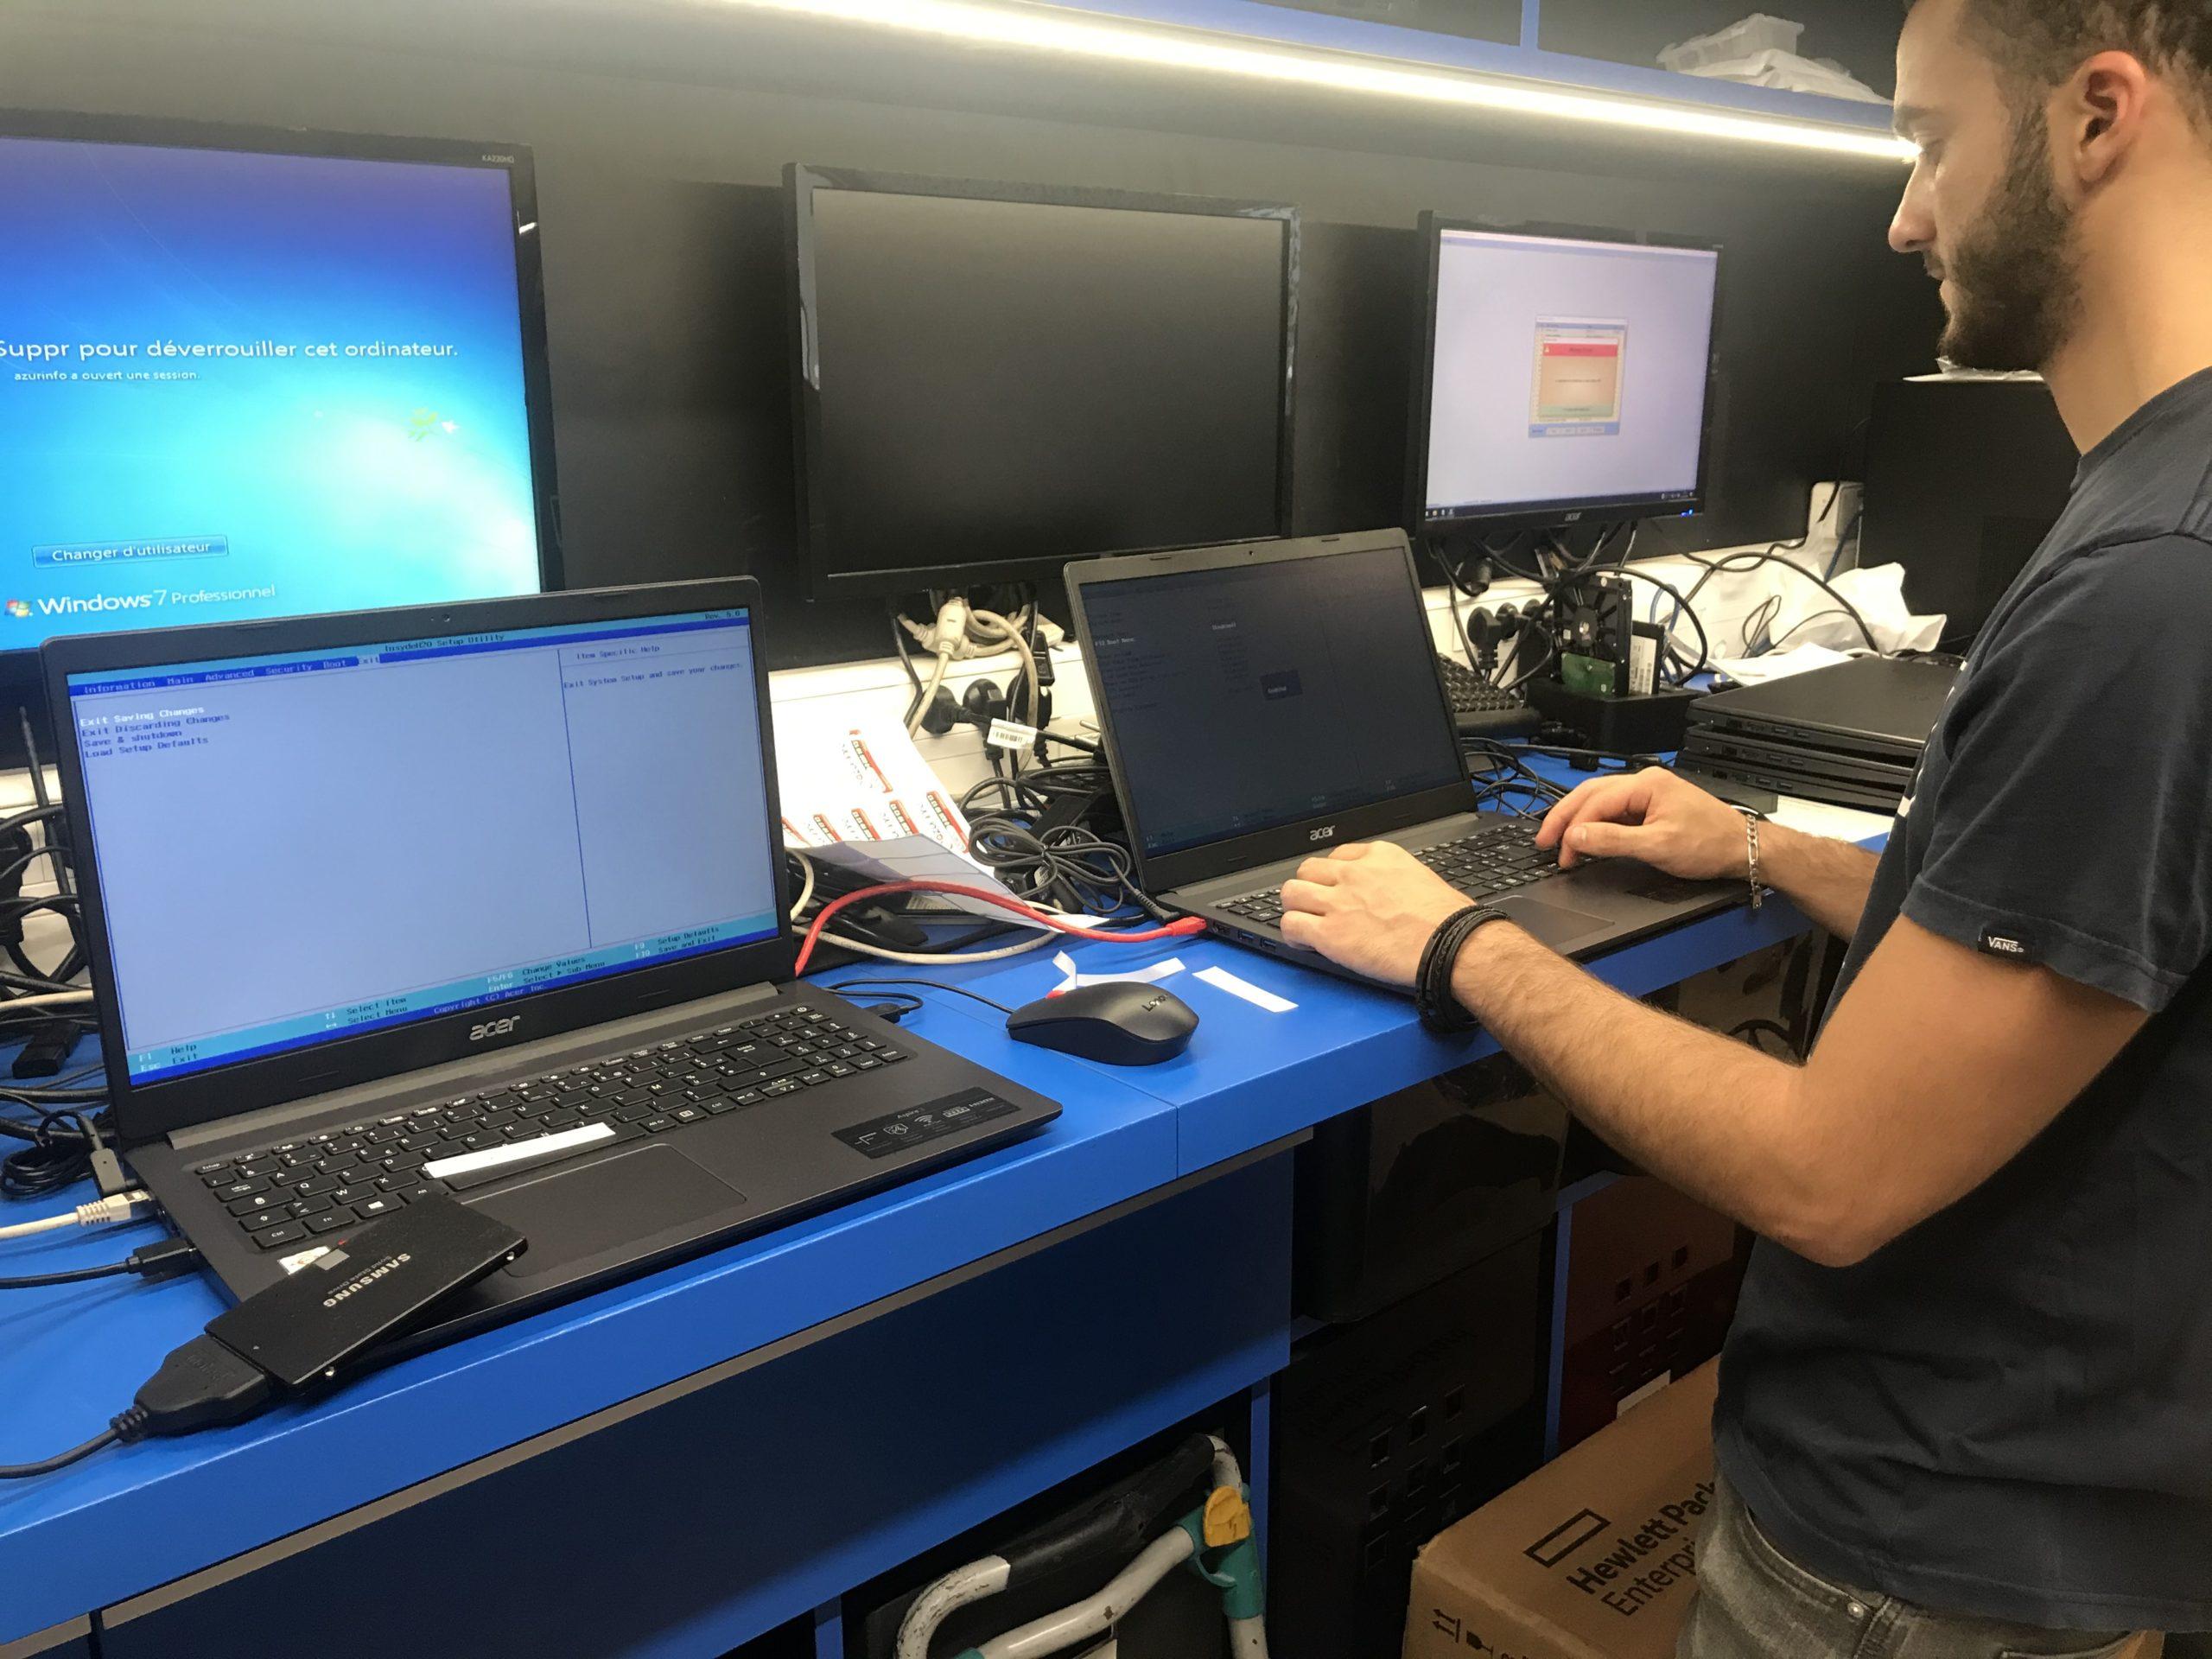 Configuration d'ordinateurs pour installation de 100 PC dans une école de la région.